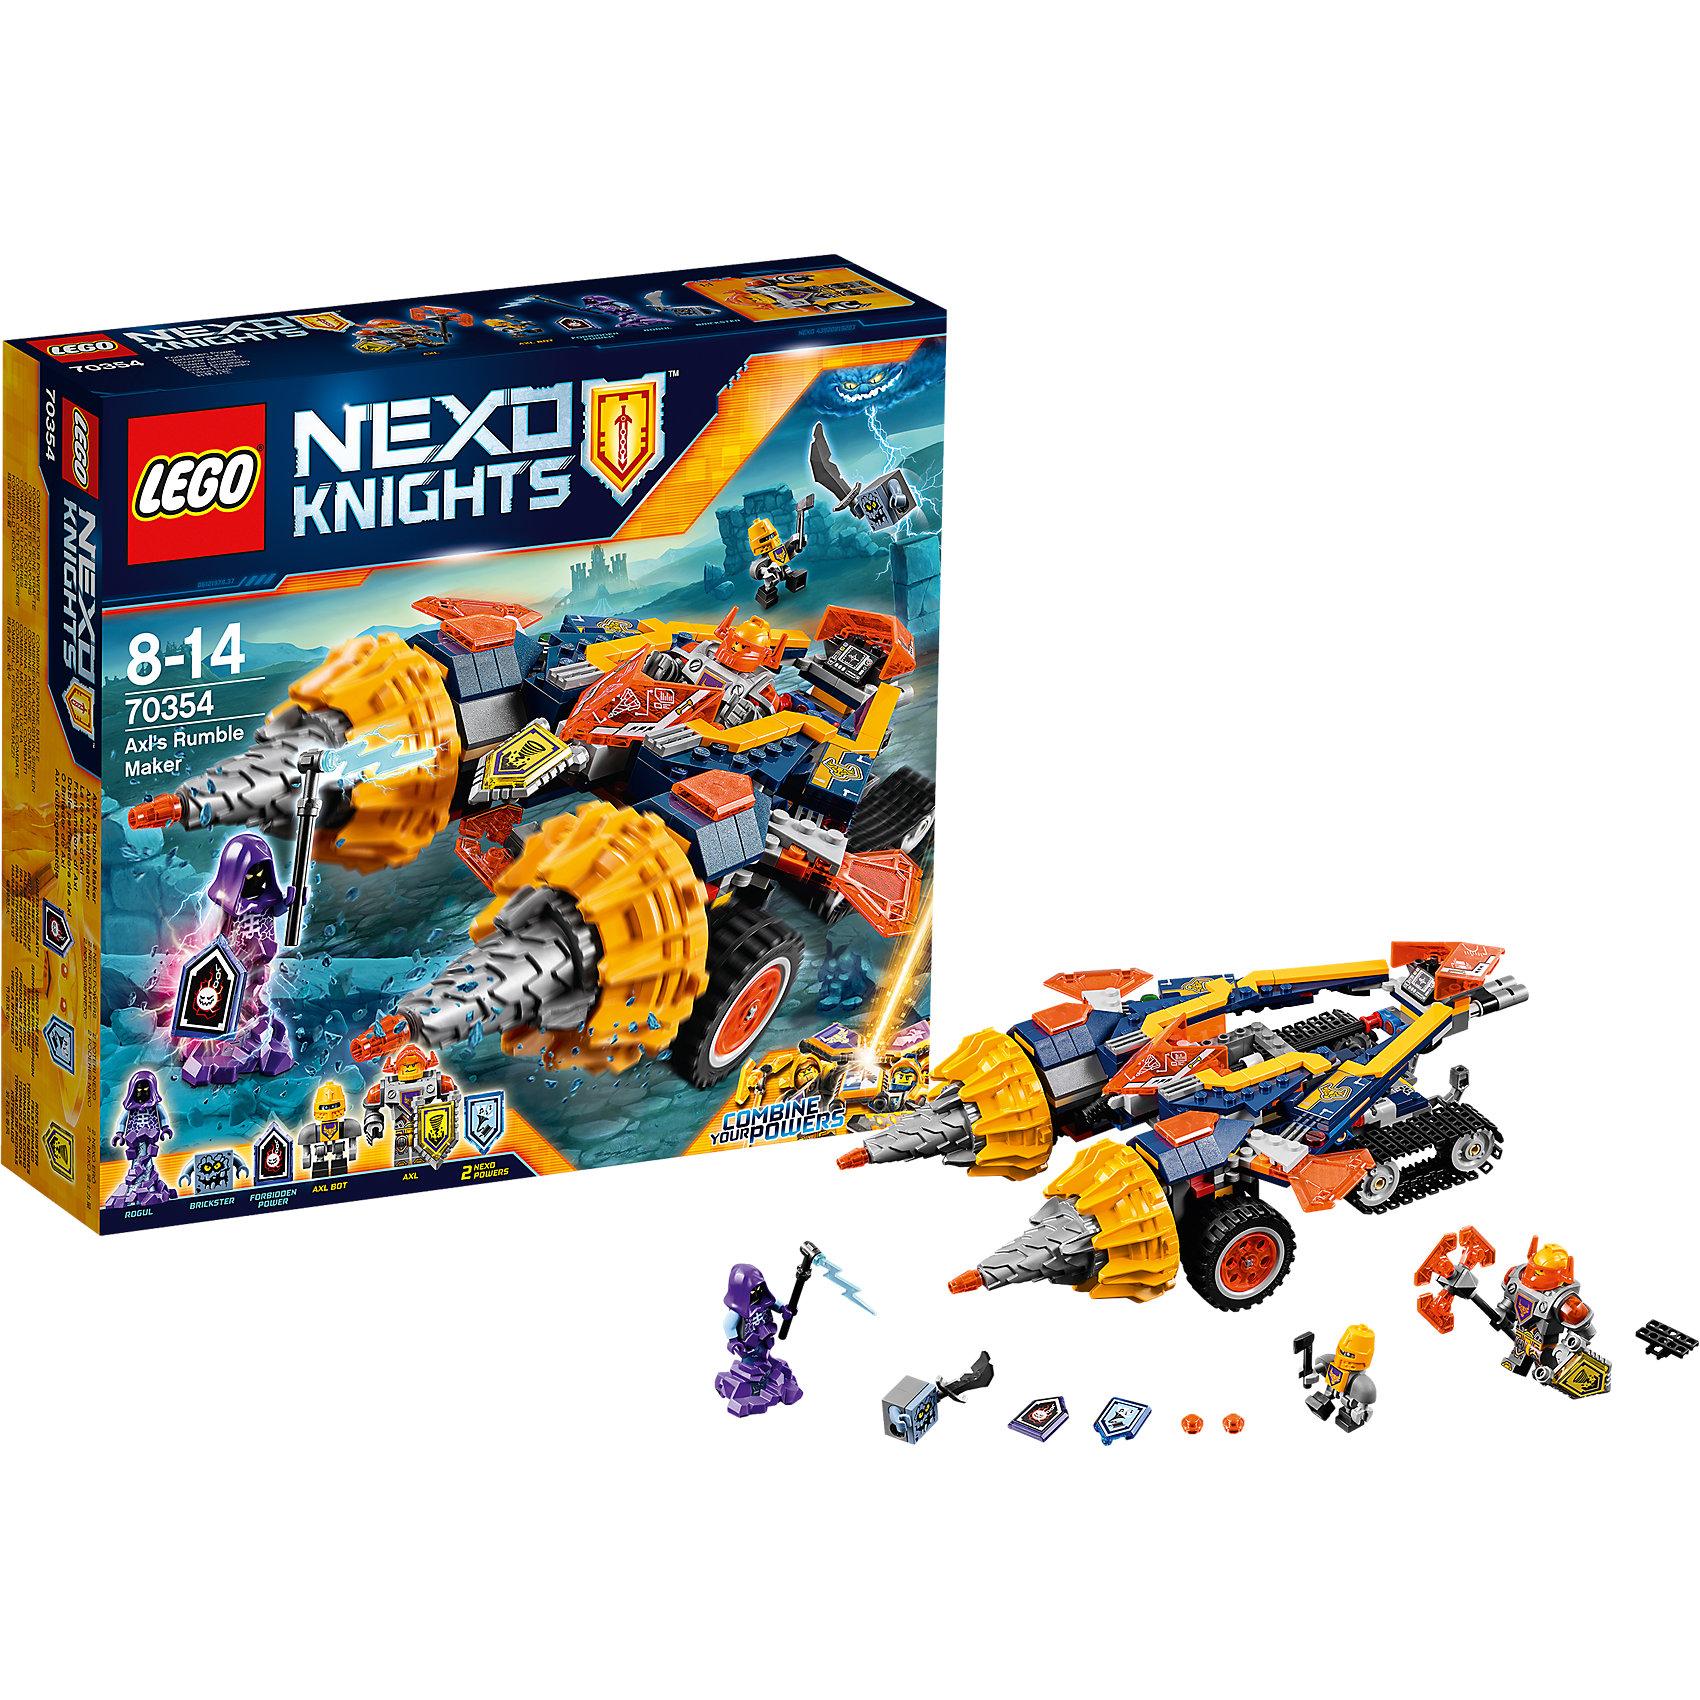 Конструктор Lego Nexo Knights 70354: Бур-машина АкселяПластмассовые конструкторы<br>Характеристики товара:<br><br>• возраст: от 8 лет;<br>• материал: пластик;<br>• в комплекте: 318 деталей;<br>• количество минифигурок: 3;<br>• размер упаковки: 28,2х26,2х7,6 см;<br>• вес упаковки: 600 гр.;<br>• страна производитель: Чехия.<br><br>Конструктор Lego Nexo Knights «Бур-машина Акселя» входит в серию Лего Нексо Найтс, которая повествует о королевстве Найтония и отважных рыцарях Нексо. Аксель — один из рыцарей. У него своя машина на гусеничном ходу с буровым механизмом. Машина умеет трансформироваться в танк, который управляется ботом Акселя.<br><br>Из элементов конструктора предстоит собрать фигурки Акселя, его бота, машину. С ними дети могут придумывать свои захватывающие сюжеты для игры. В набор также включены 2 нексо-силы, которые можно отсканировать через приложение и играть в игру. Сборка конструктора развивает у ребенка логическое мышление, моторику рук, усидчивость.<br><br>Конструктор Lego Nexo Knights «Бур-машина Акселя» можно приобрести в нашем интернет-магазине.<br><br>Ширина мм: 296<br>Глубина мм: 251<br>Высота мм: 284<br>Вес г: 598<br>Возраст от месяцев: 96<br>Возраст до месяцев: 2147483647<br>Пол: Мужской<br>Возраст: Детский<br>SKU: 5619992